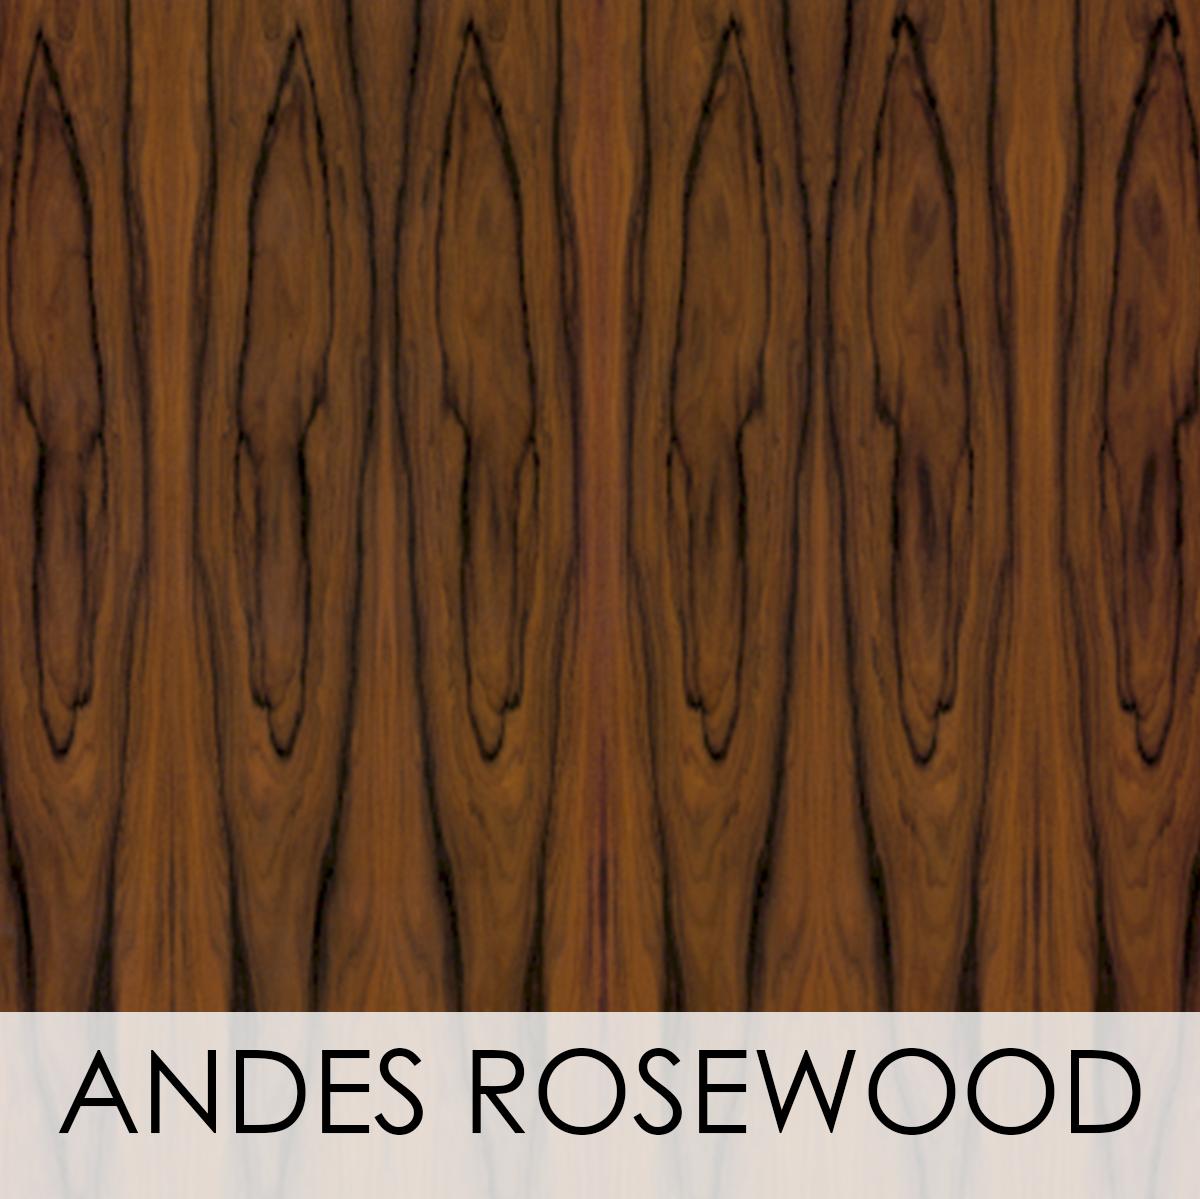 Andes Rosewood Wood Veneer Wallcovering